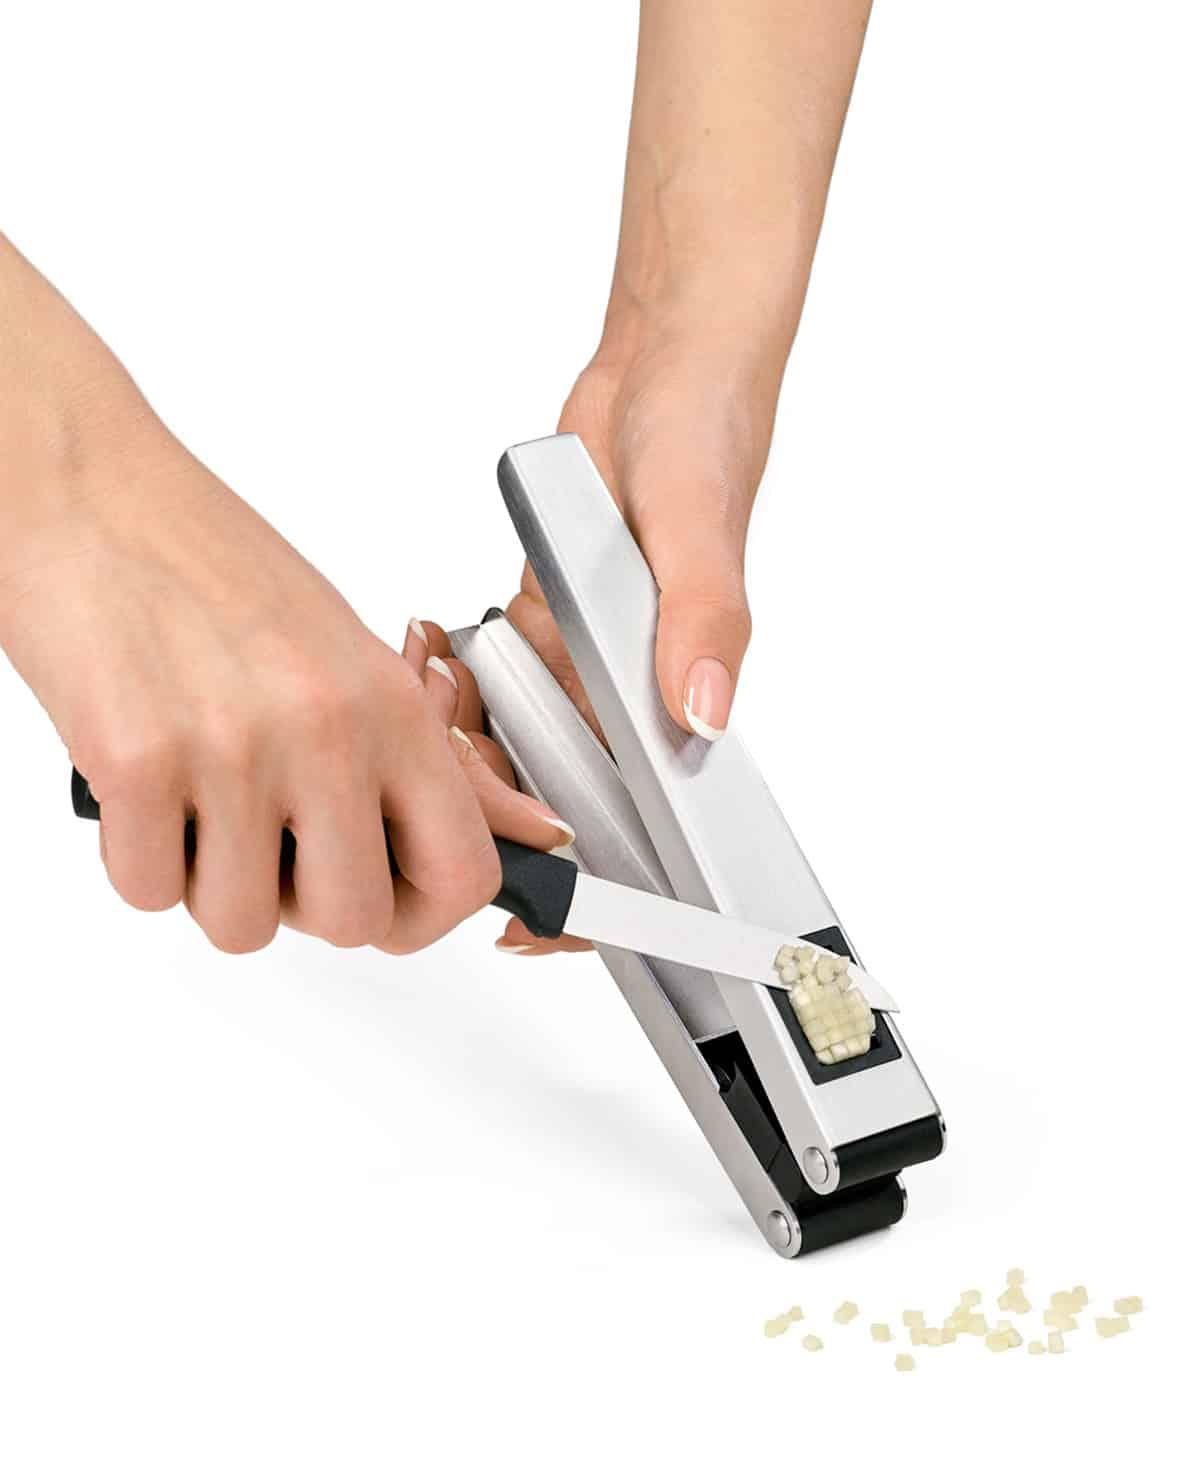 triangle Knoblauchschneider & Presse Duo Knoblauchpresse Knoblauch pressen quetschen würfeln schneiden Edelstahl 2-in-1